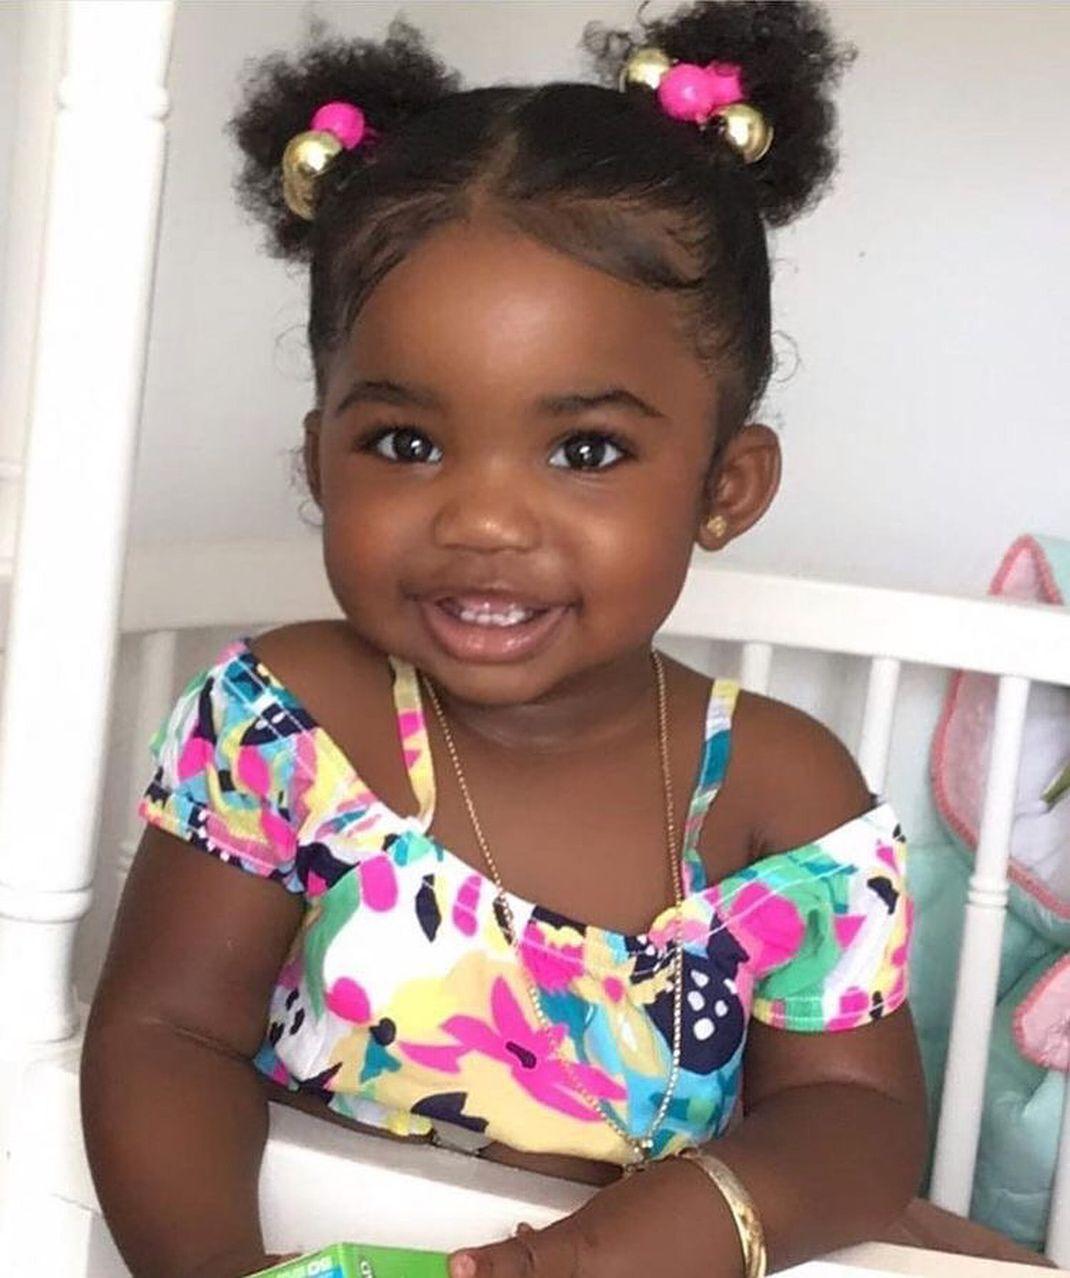 Cutebabies babyyyyyyyy feverrrrrrrr in pinterest cute